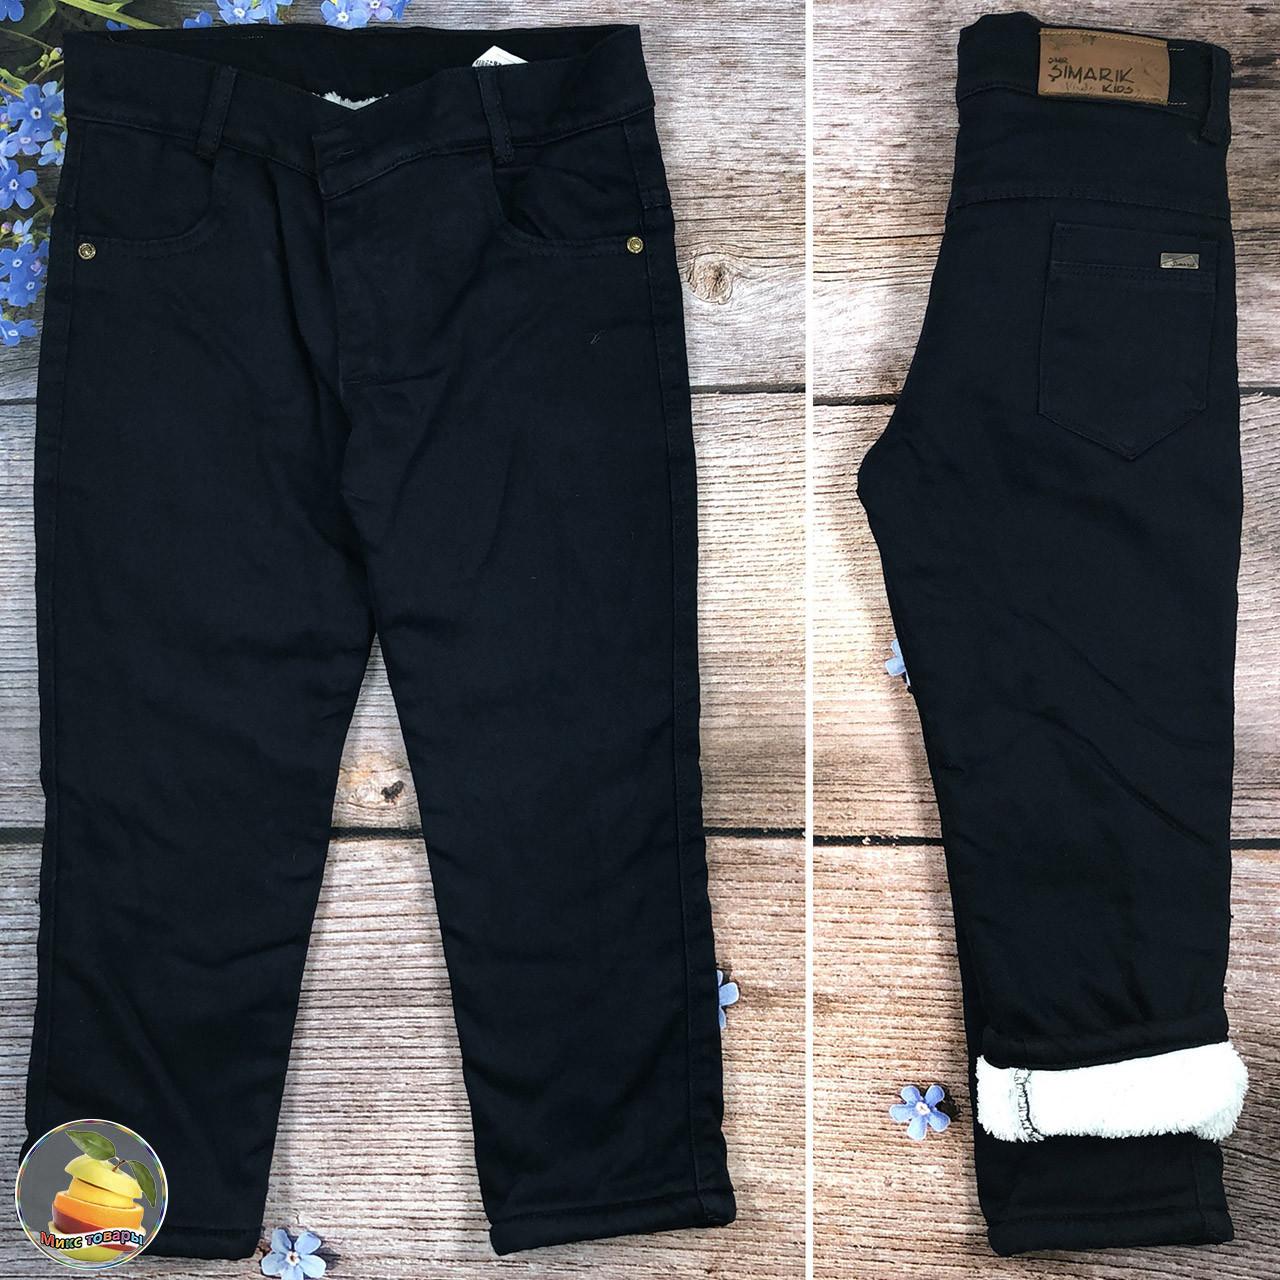 Тёмно синие джинсы на травке для мальчика Размеры: 5,6,7,8 лет (20943-1)